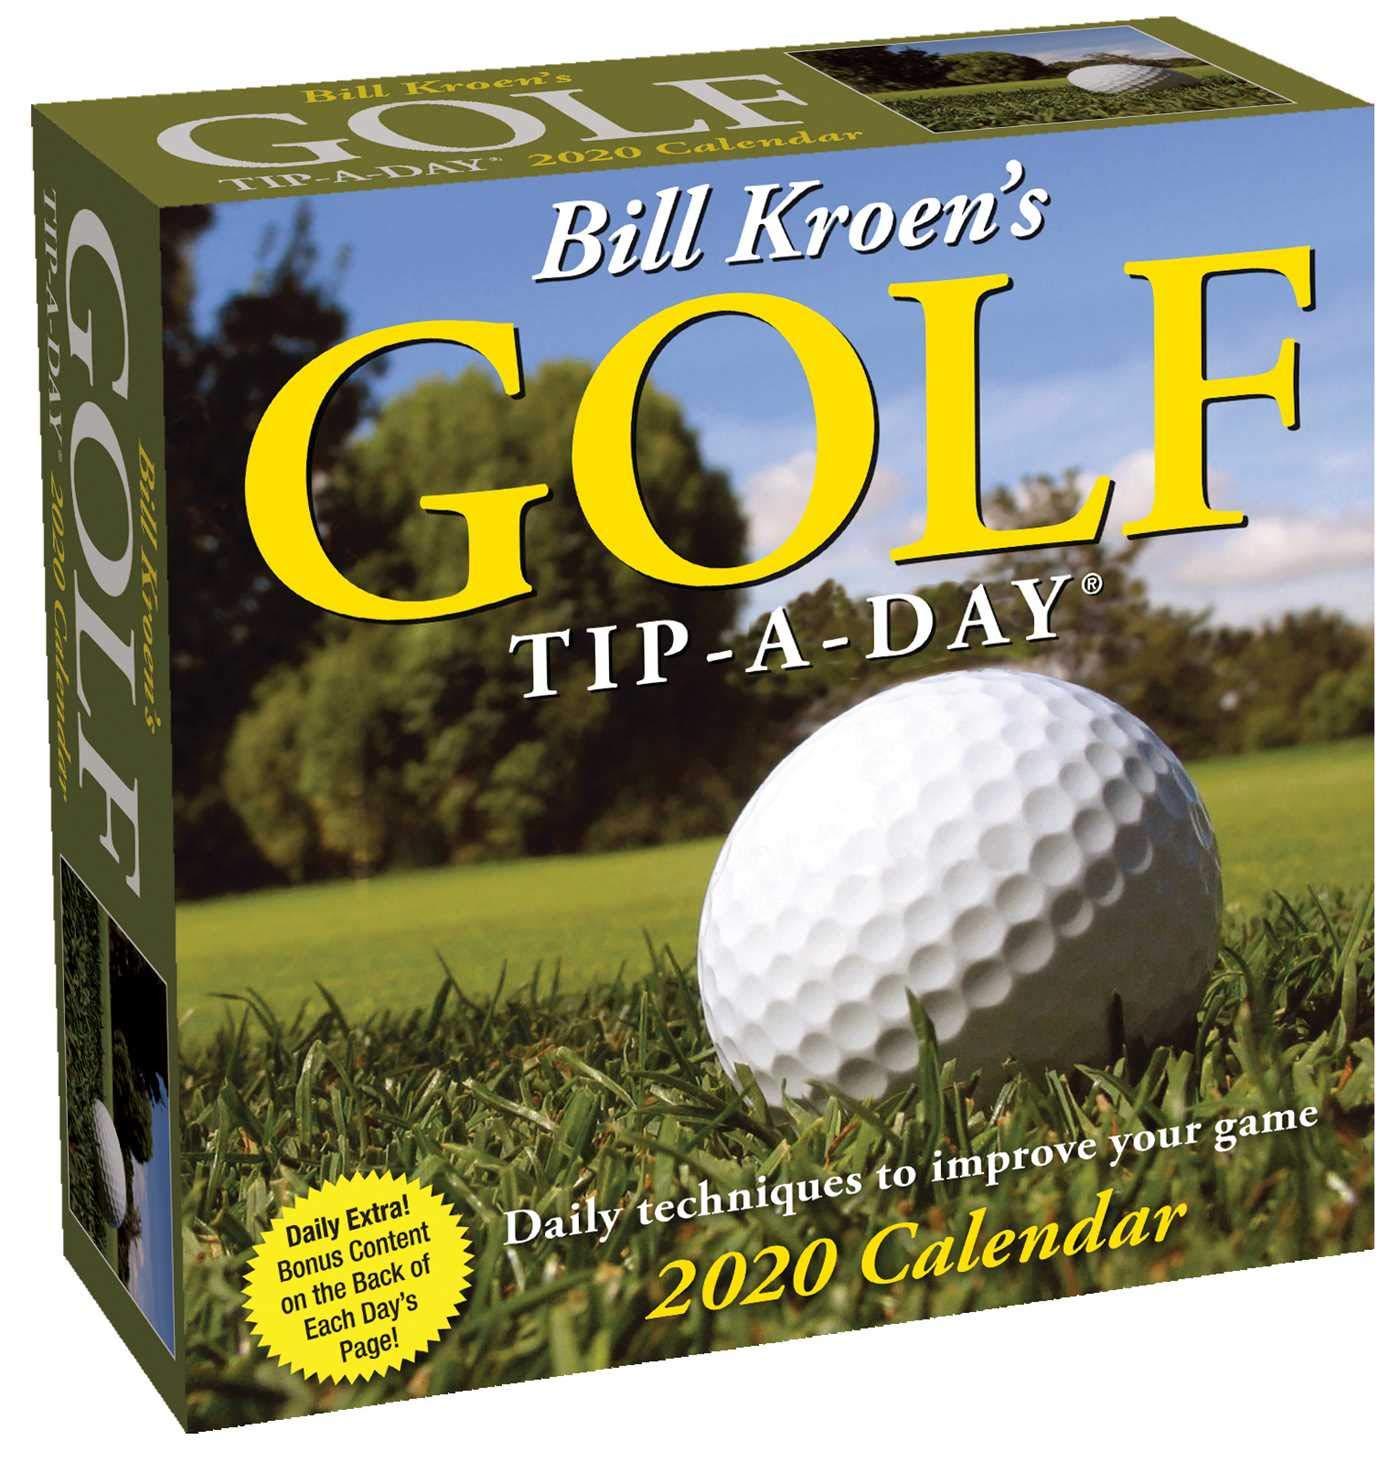 Golf Calendar 2020 Bill Kroen's Golf Tip A Day 2020 Calendar: Bill Kroen